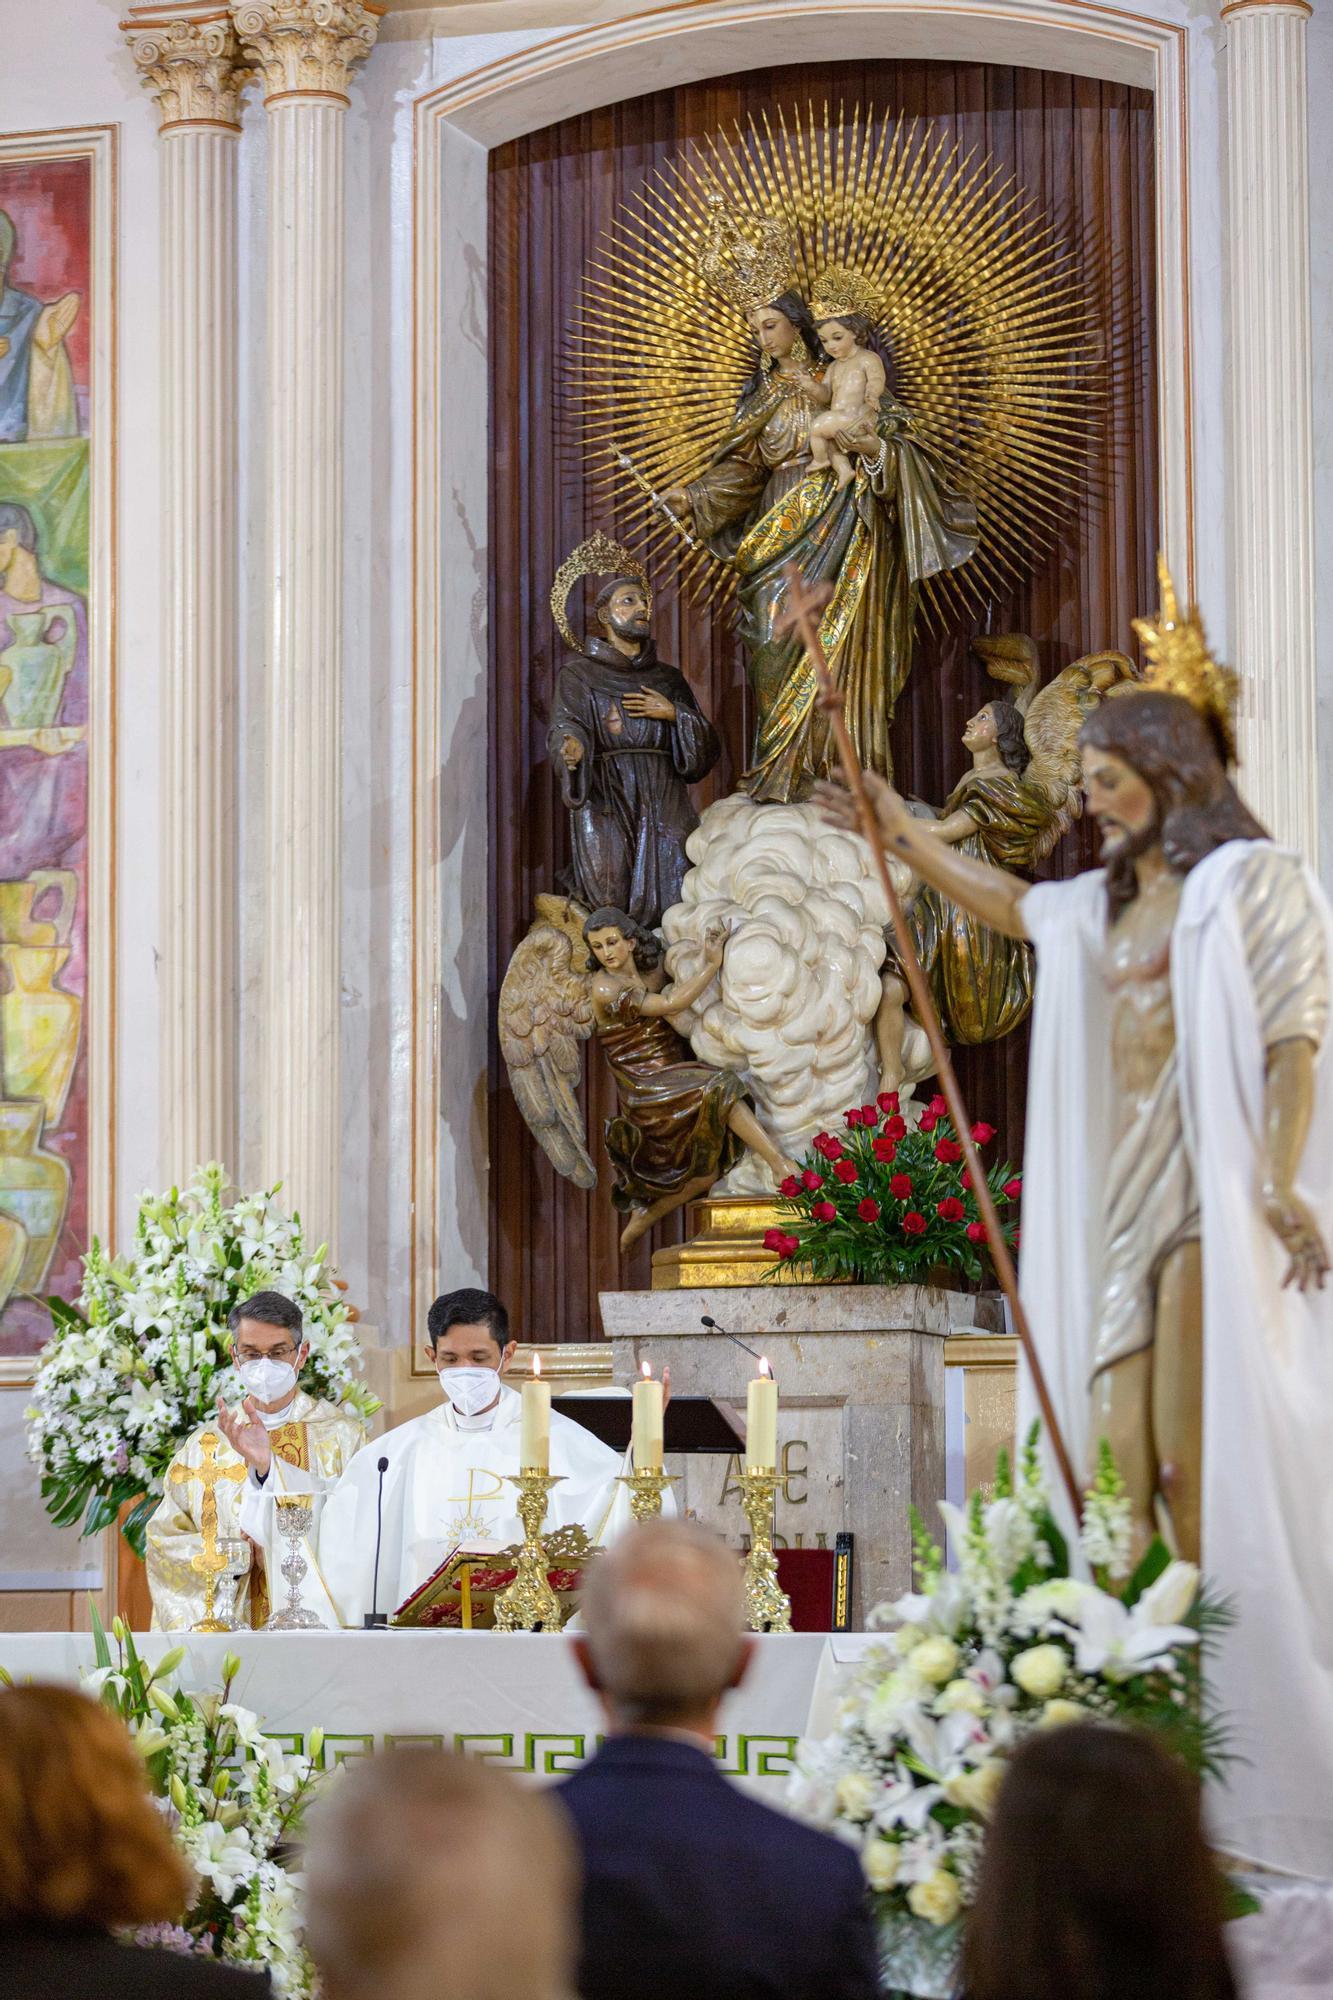 Domingo de Resurrecion en Los Angeles_41.jpg